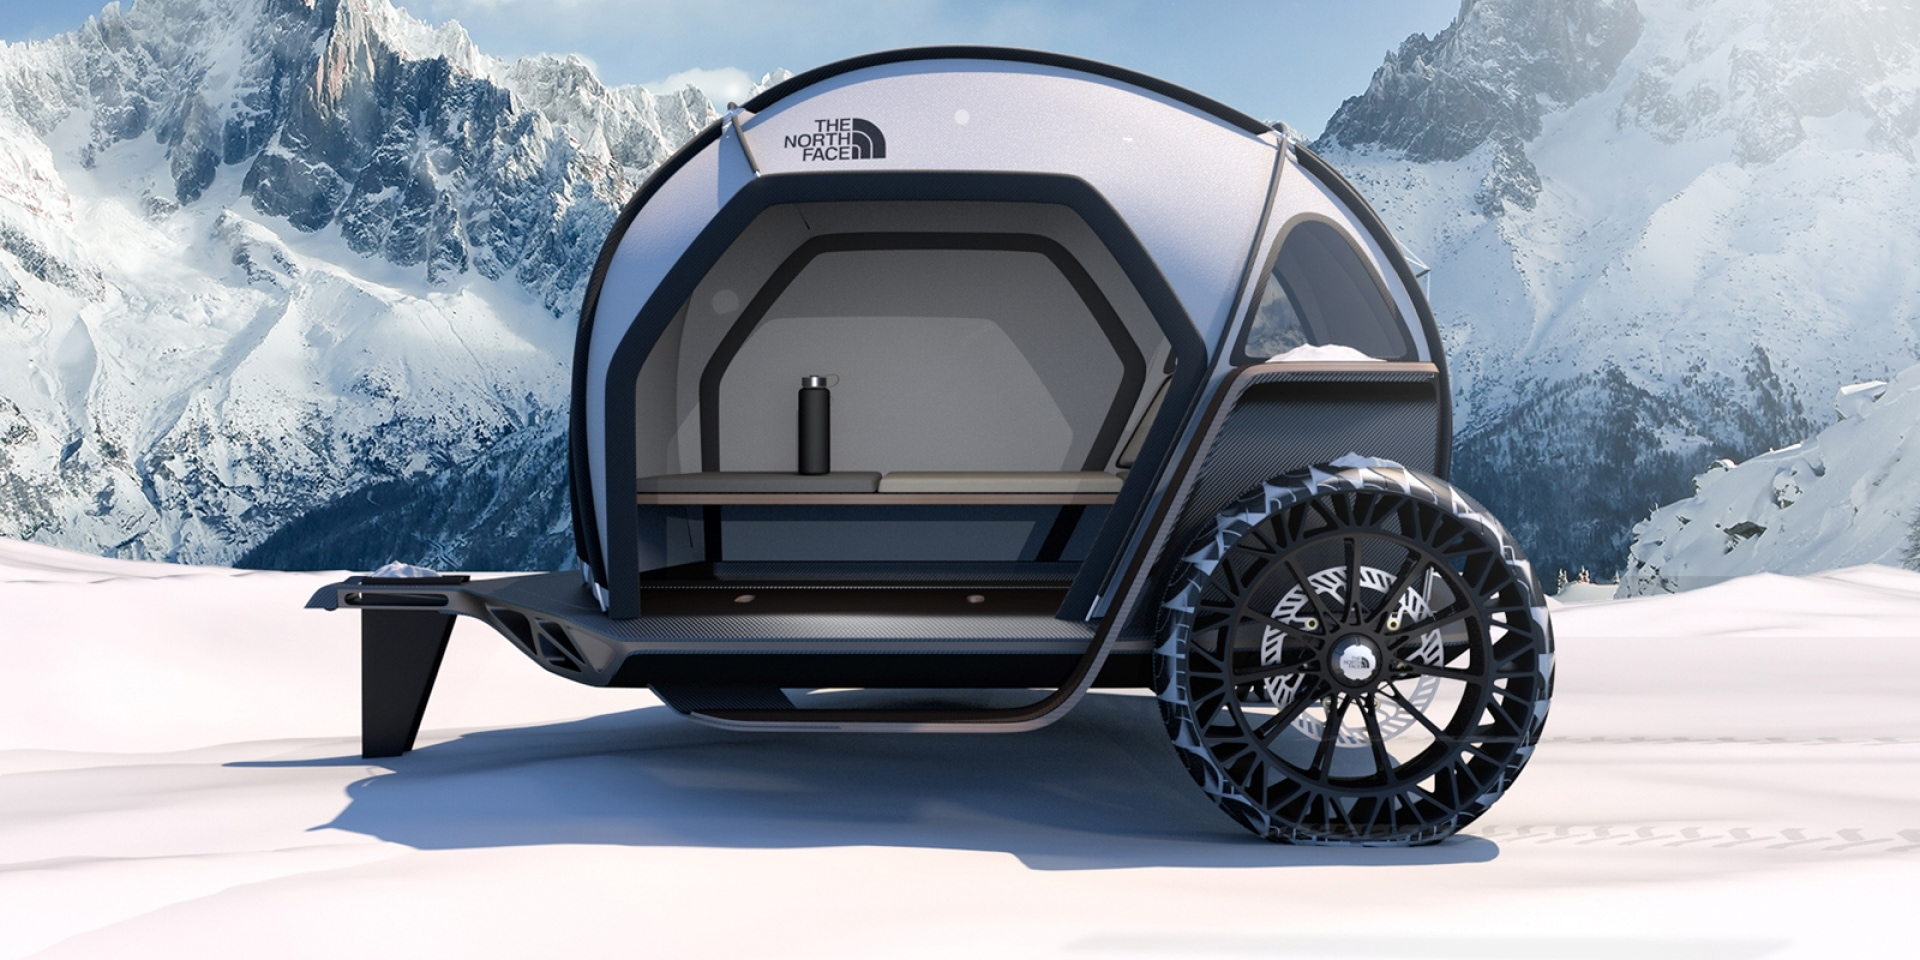 四倍Gore-Tex通風性能!The North Face找來BMW合作展演全新機能布料FUTURELIGHT™